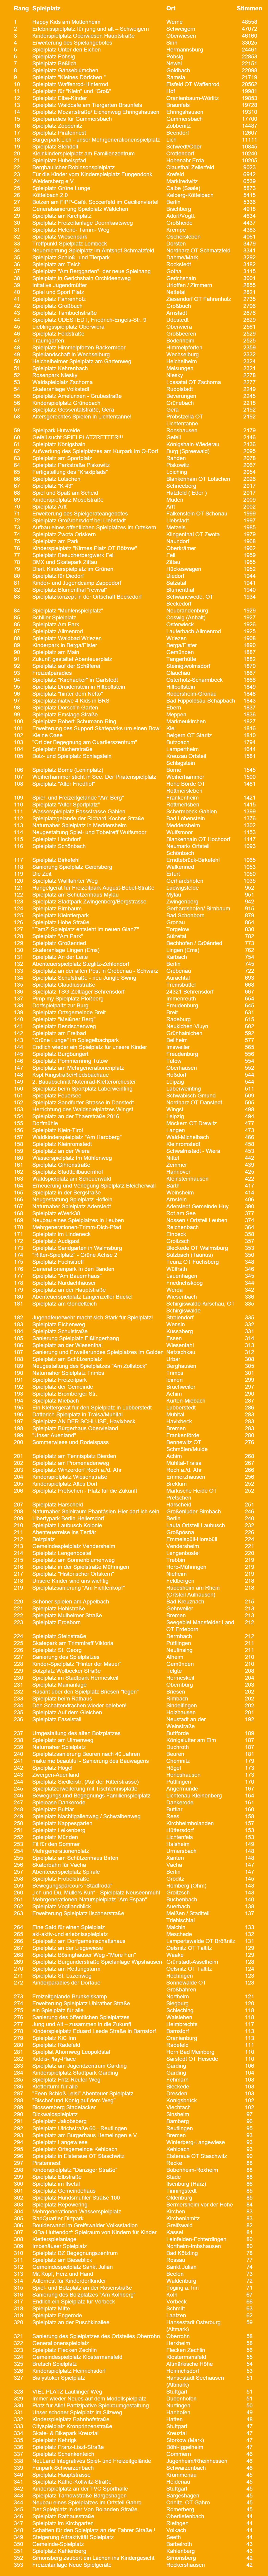 Fanta FSI Ranking